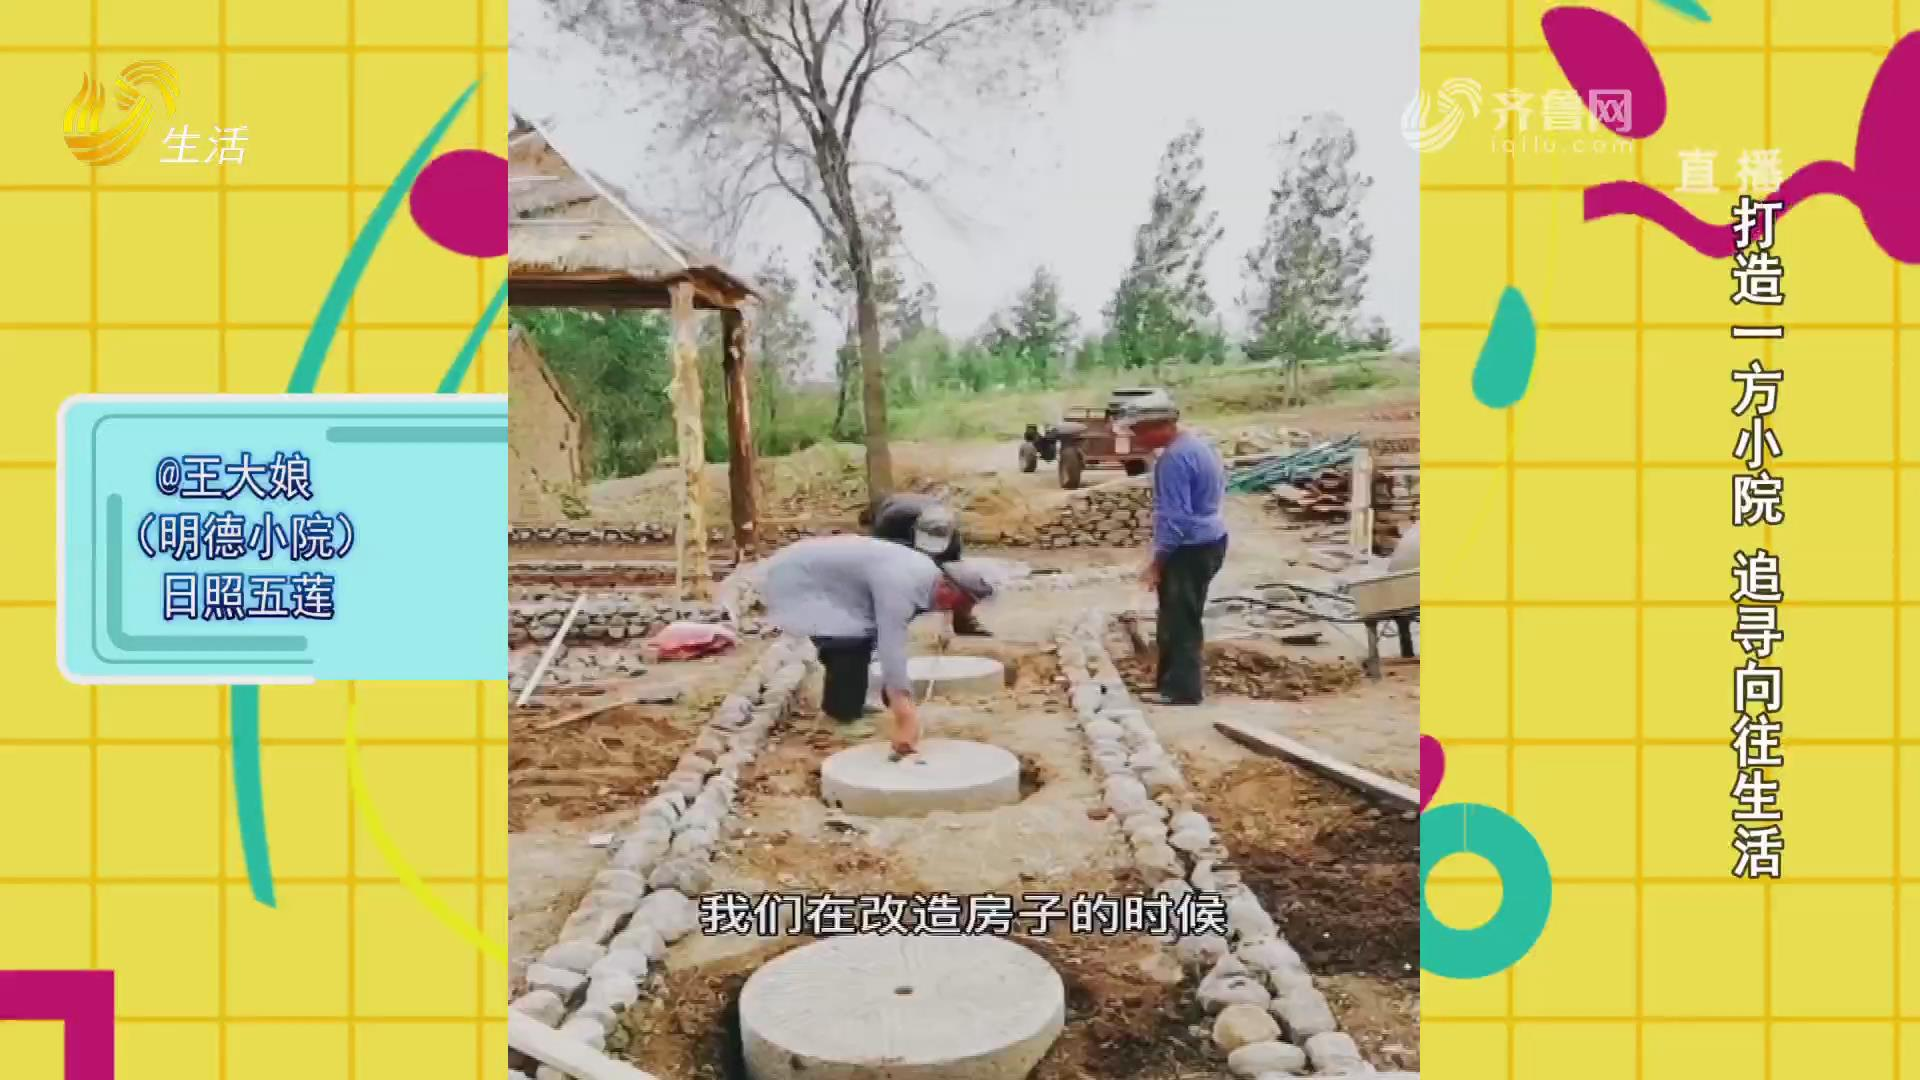 打造一方小院 追寻向往生活